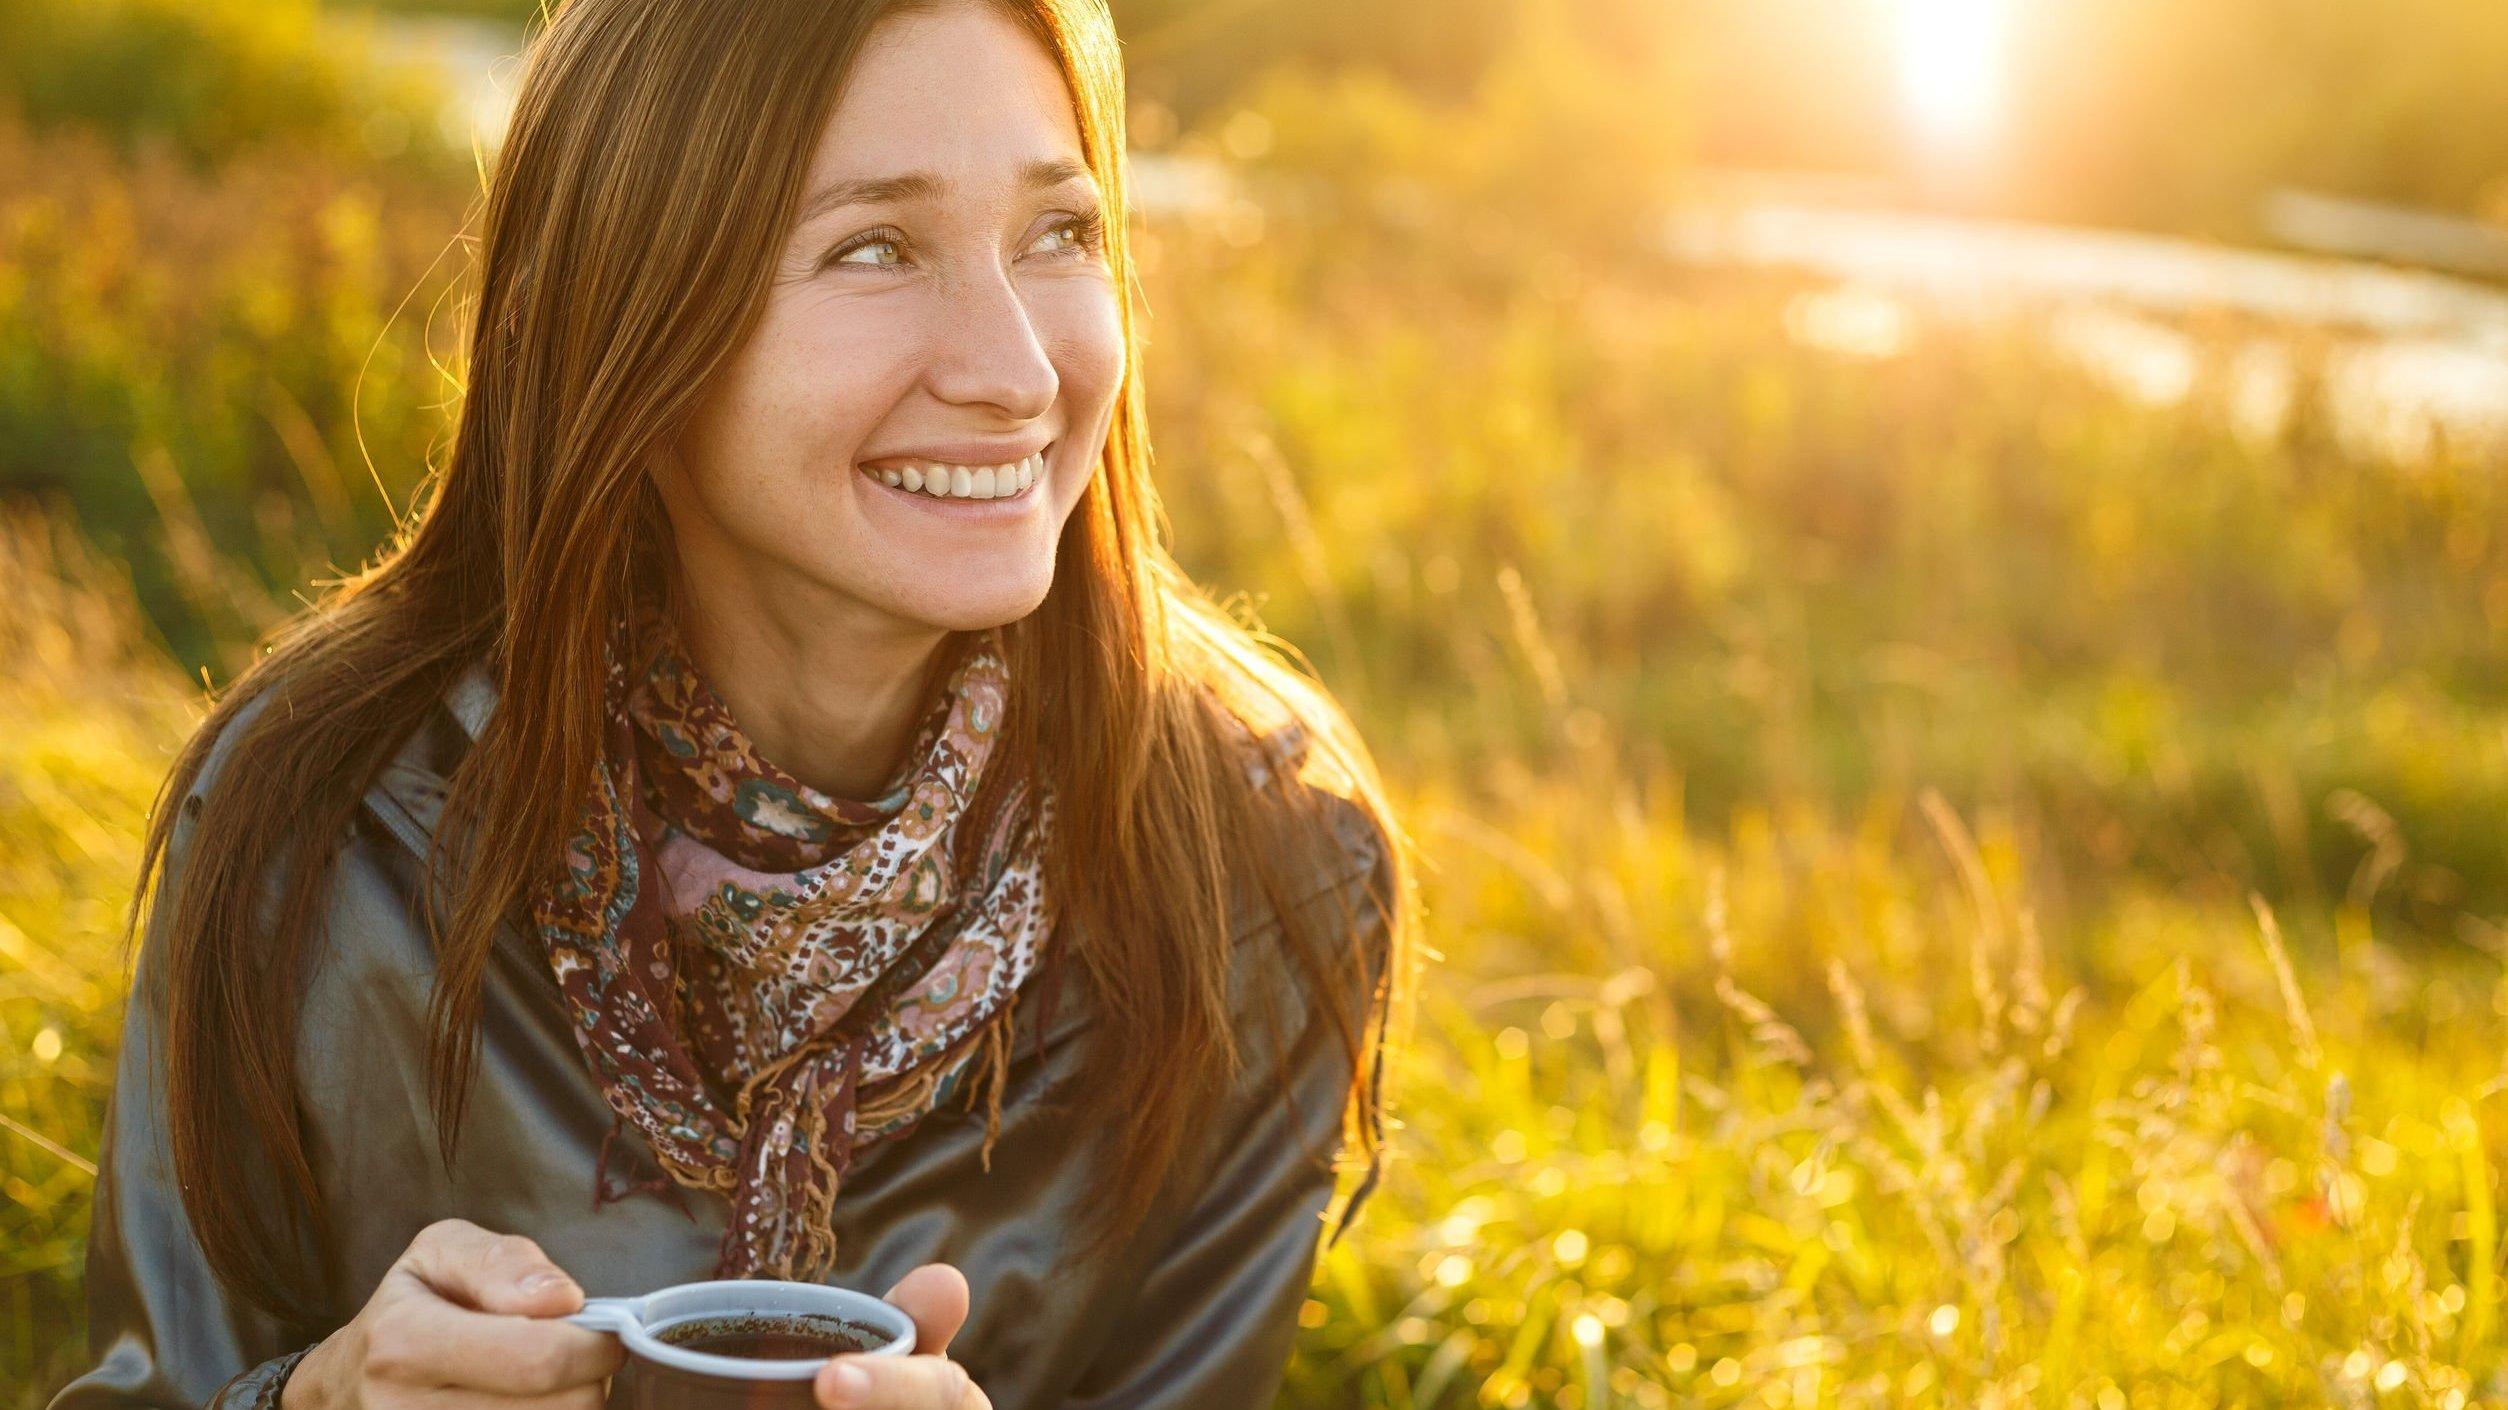 Mulher sentada em um gramado segurando uma xícara de café e sorrindo